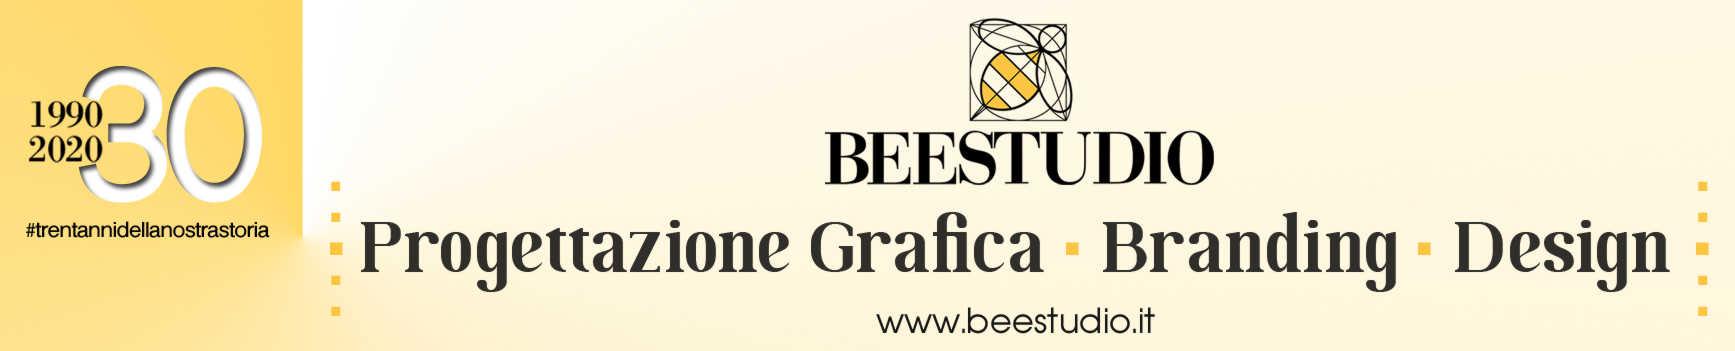 beestudio-progettazione-grafica-banner-branding-design-rivista-promuovere